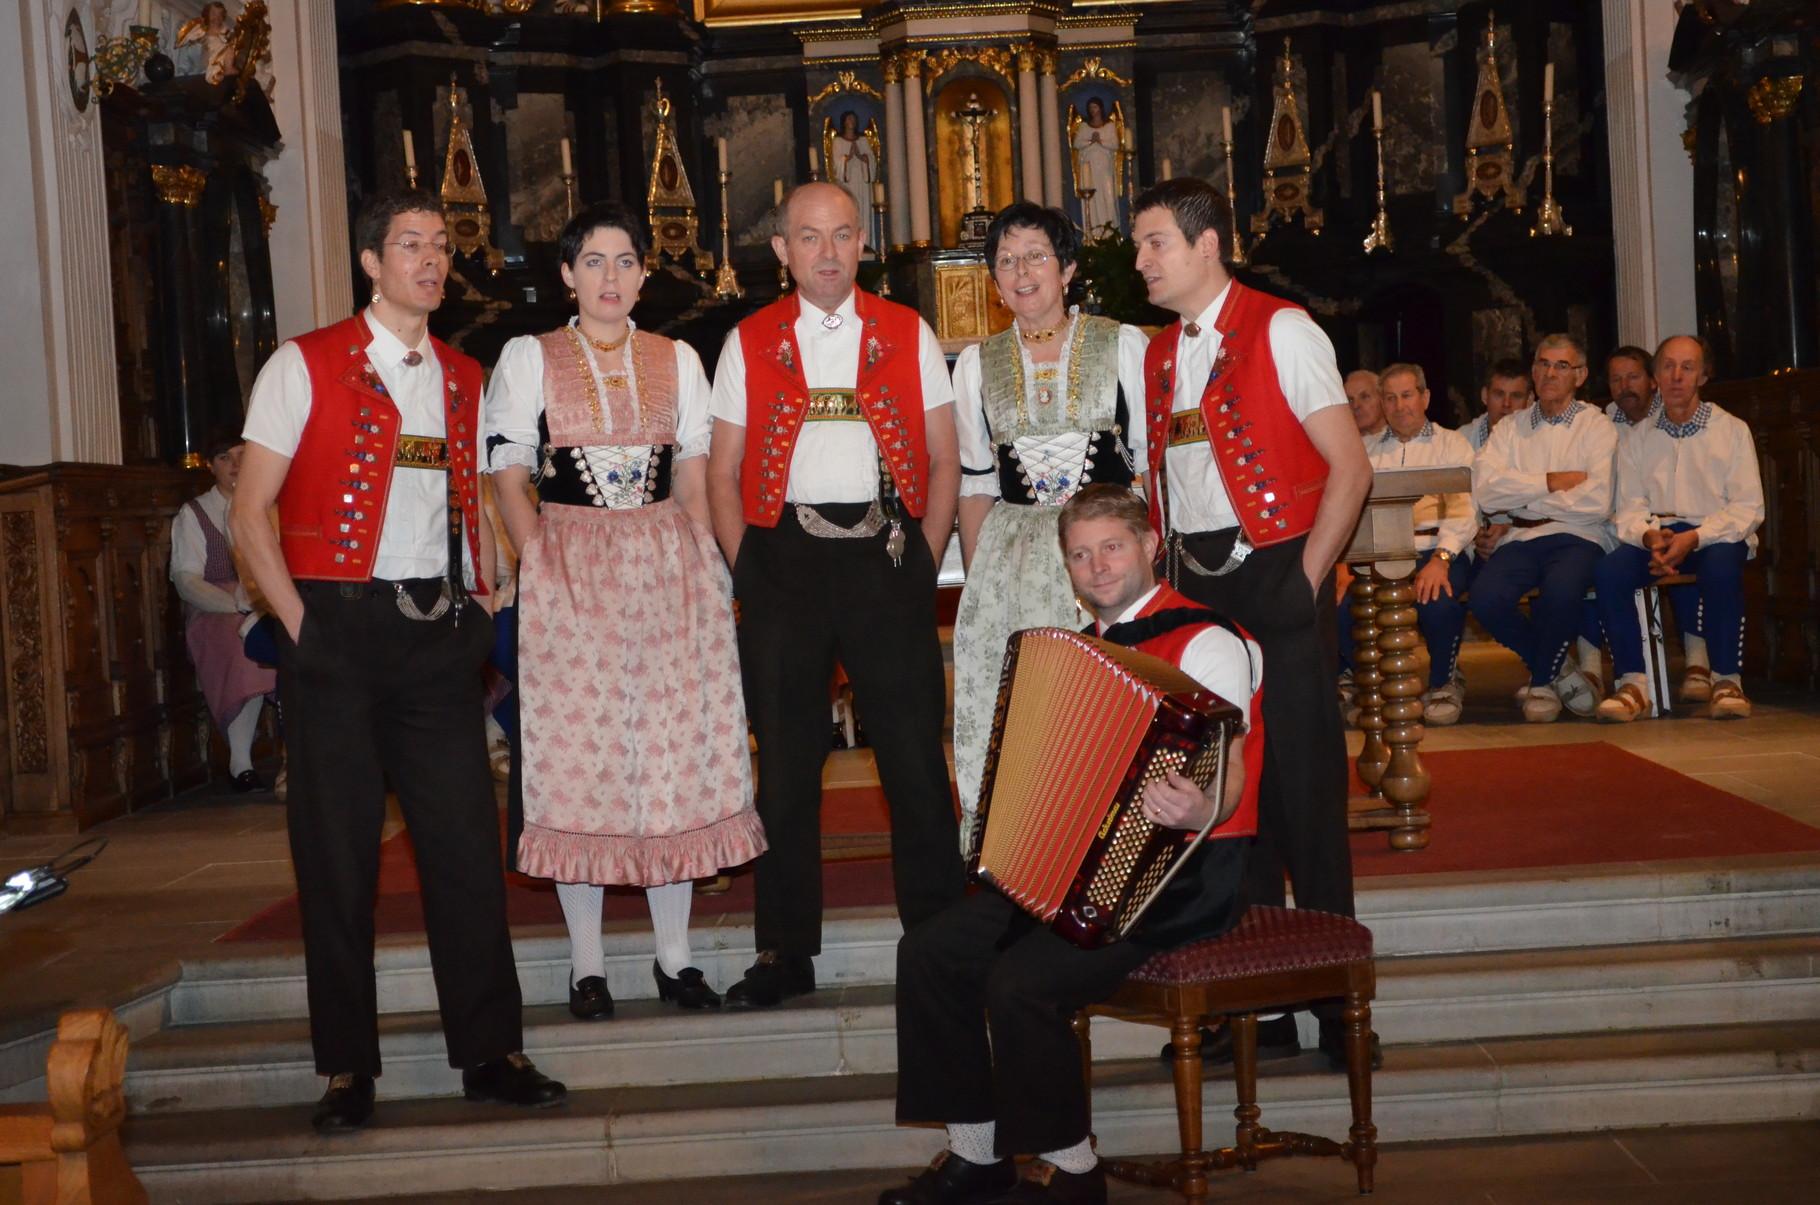 Das Konzert wurde durch die Jodlergruppe Hirschberg aus Appenzell verstärkt